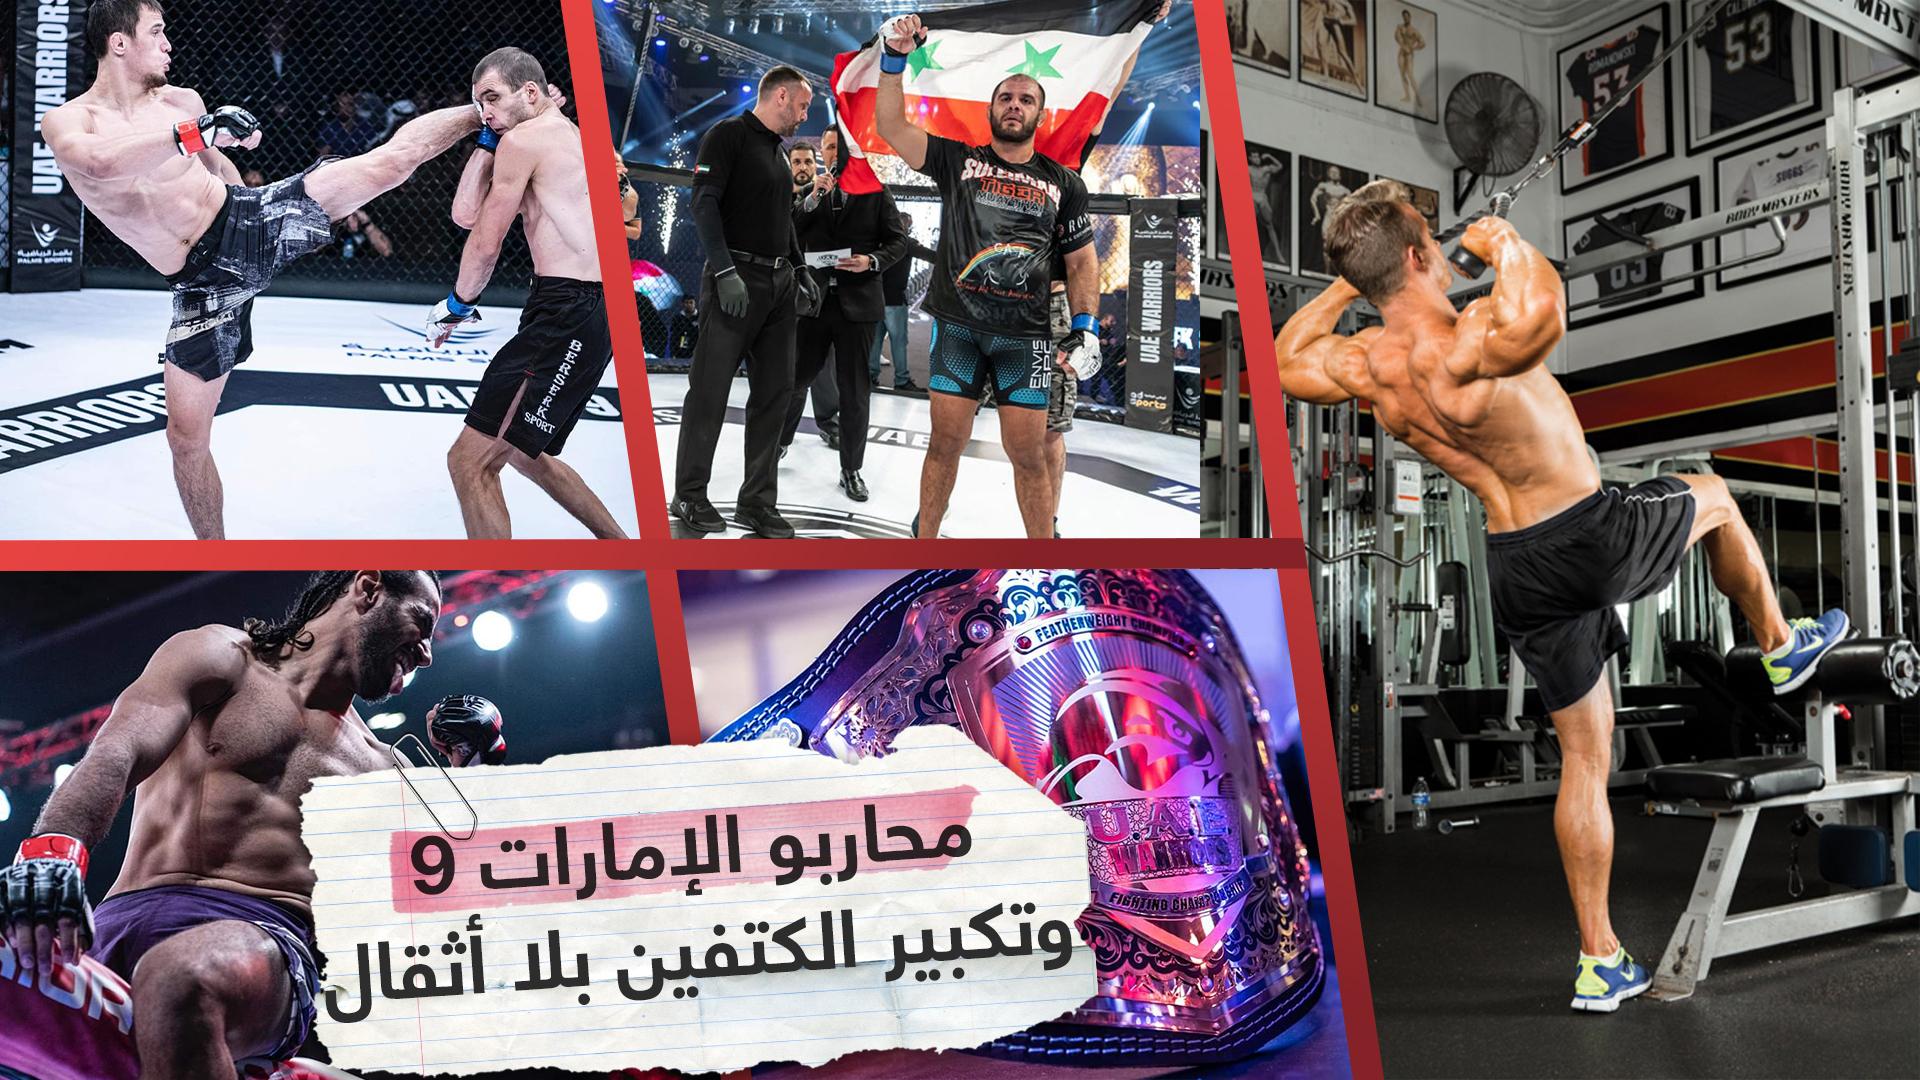 نزالات المقاتلين العرب في أبوظبي بحضور حبيب محمدوف